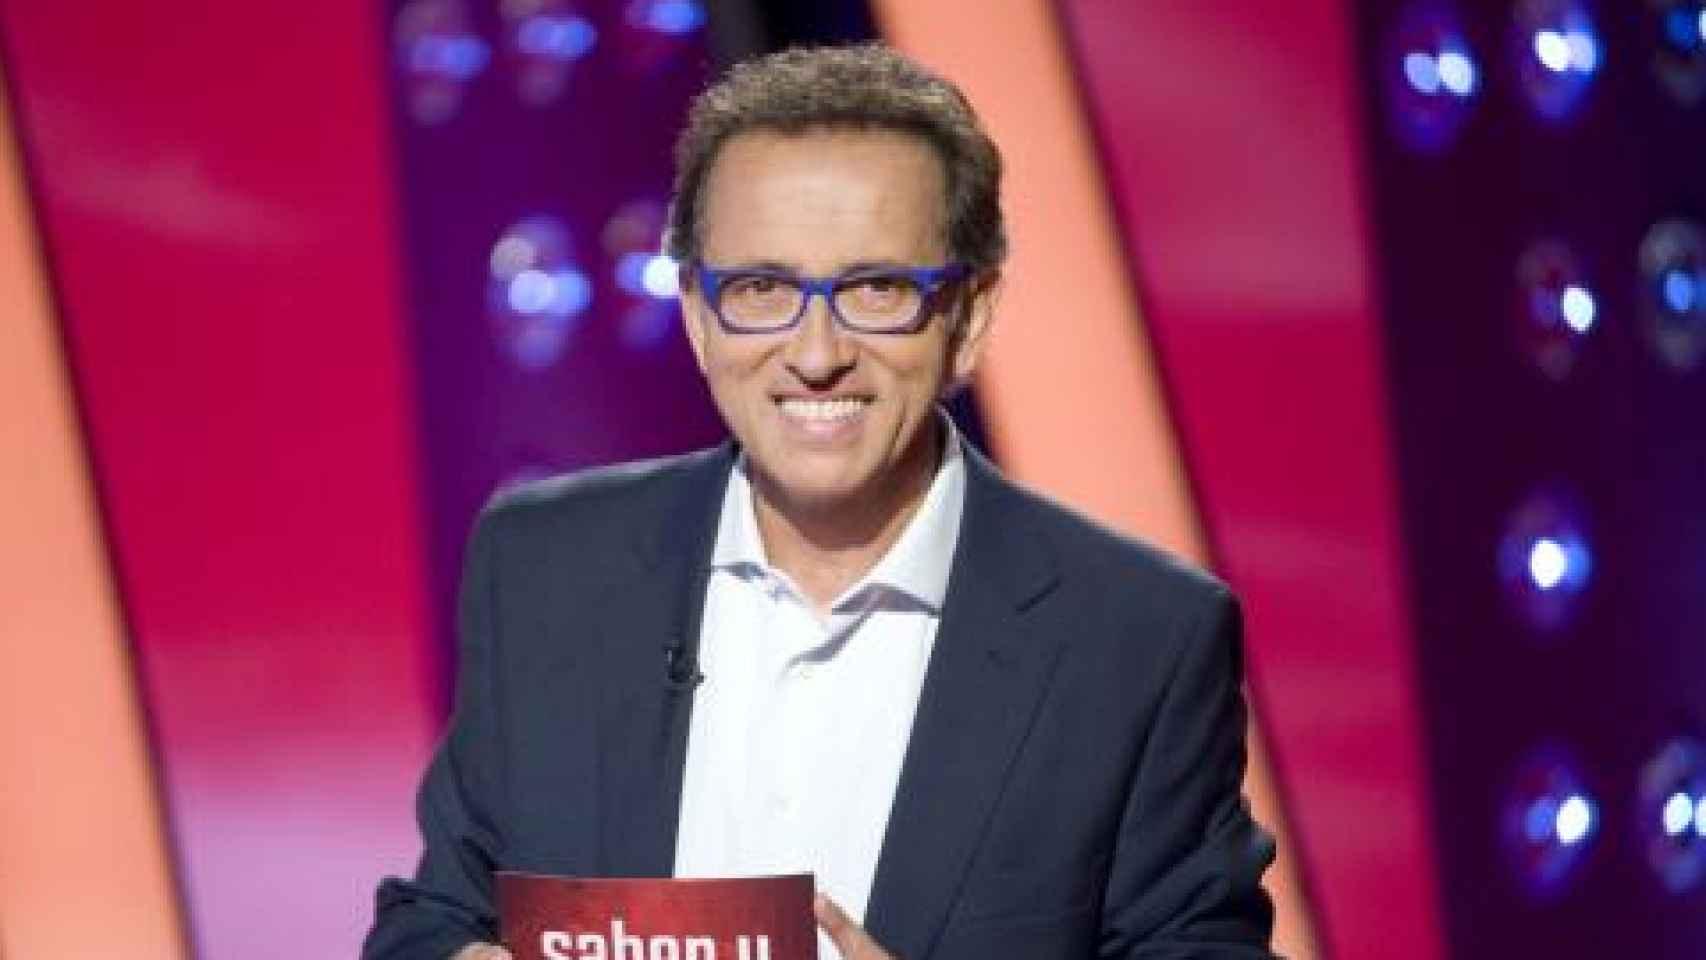 Jordi Hurtado no había fallado nunca en 19 años de programa